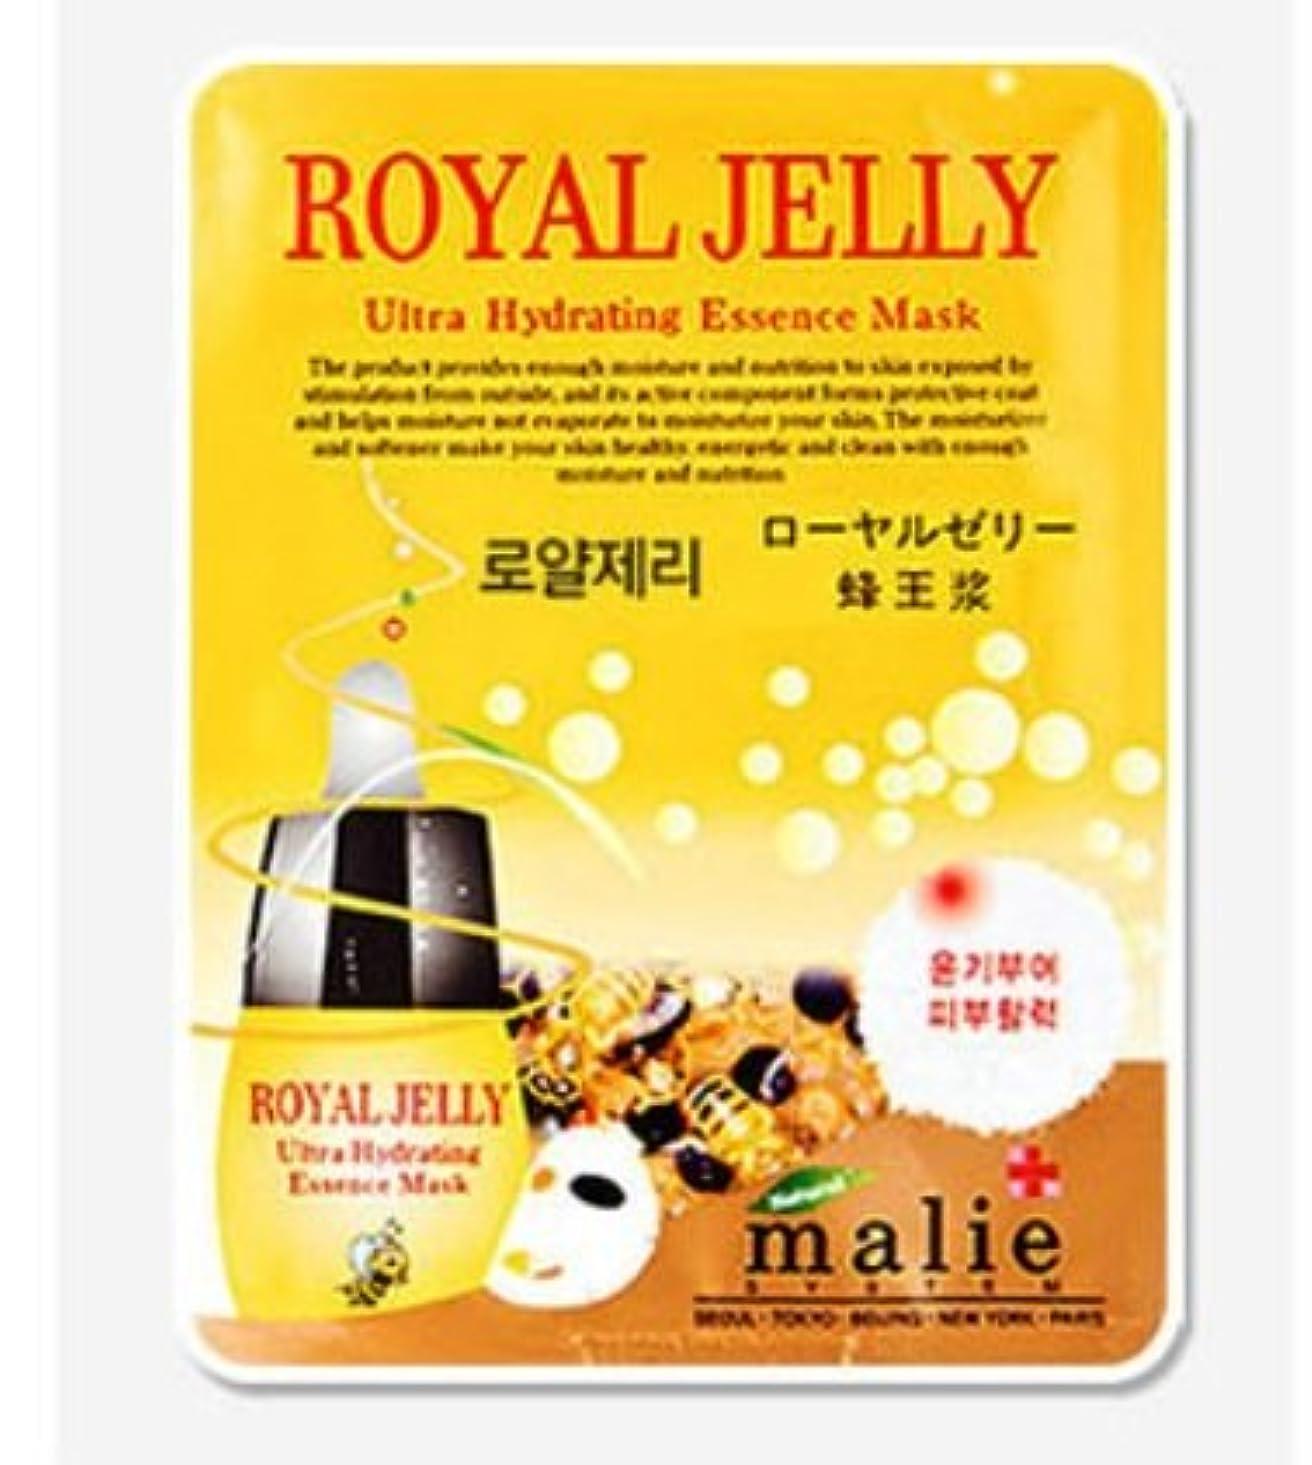 プレゼンテーションタクシー上へ[MALIE] まりえローヤルゼリーウルトラ?ハイドレーティング?エッセンスマスク25gX10枚 / Malie Royal Jelly Ultra Hydrating Essence Mask [並行輸入品]